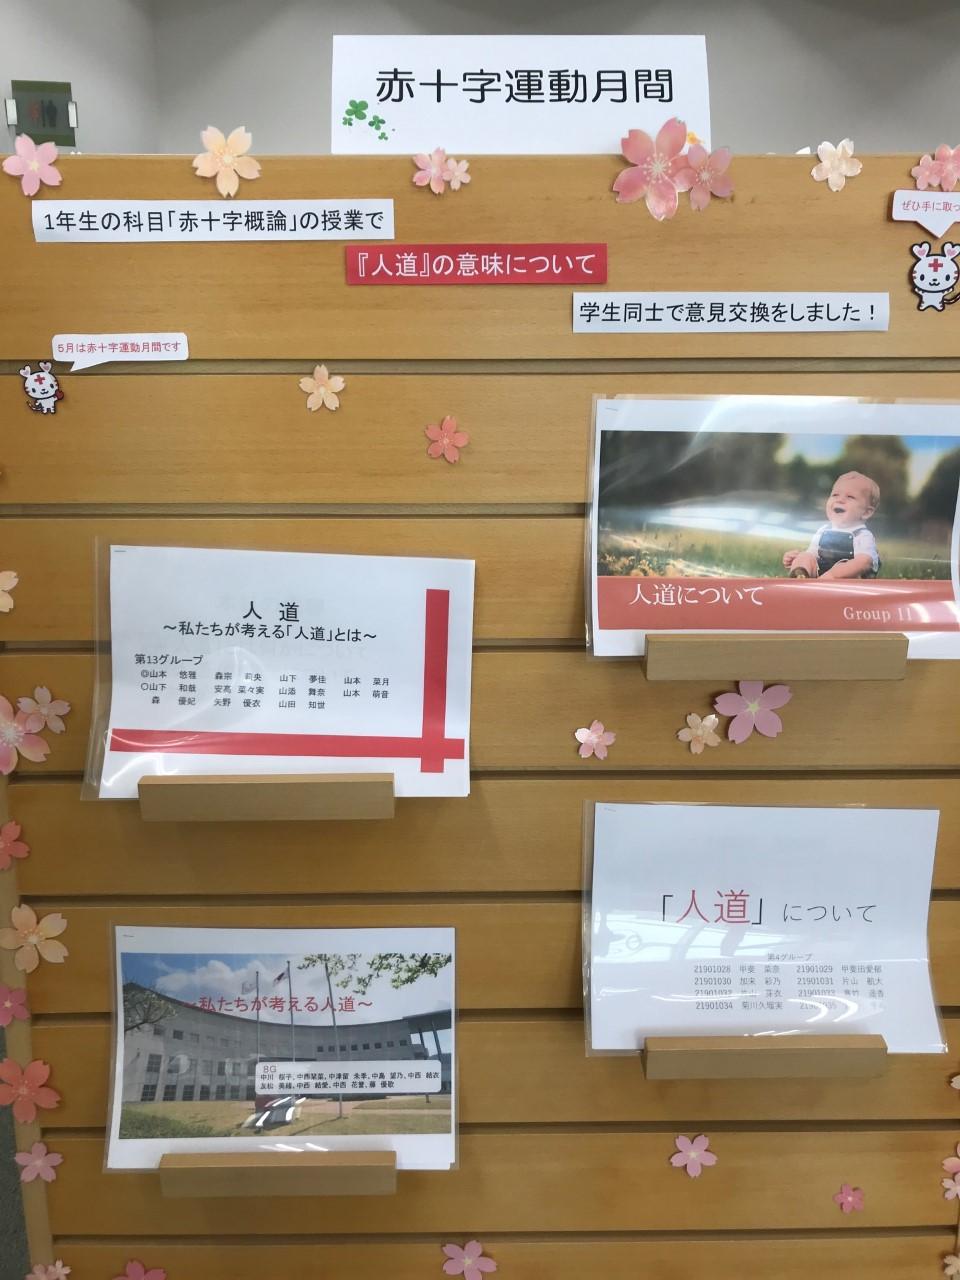 20190517赤十字概論② 宇都宮真由子